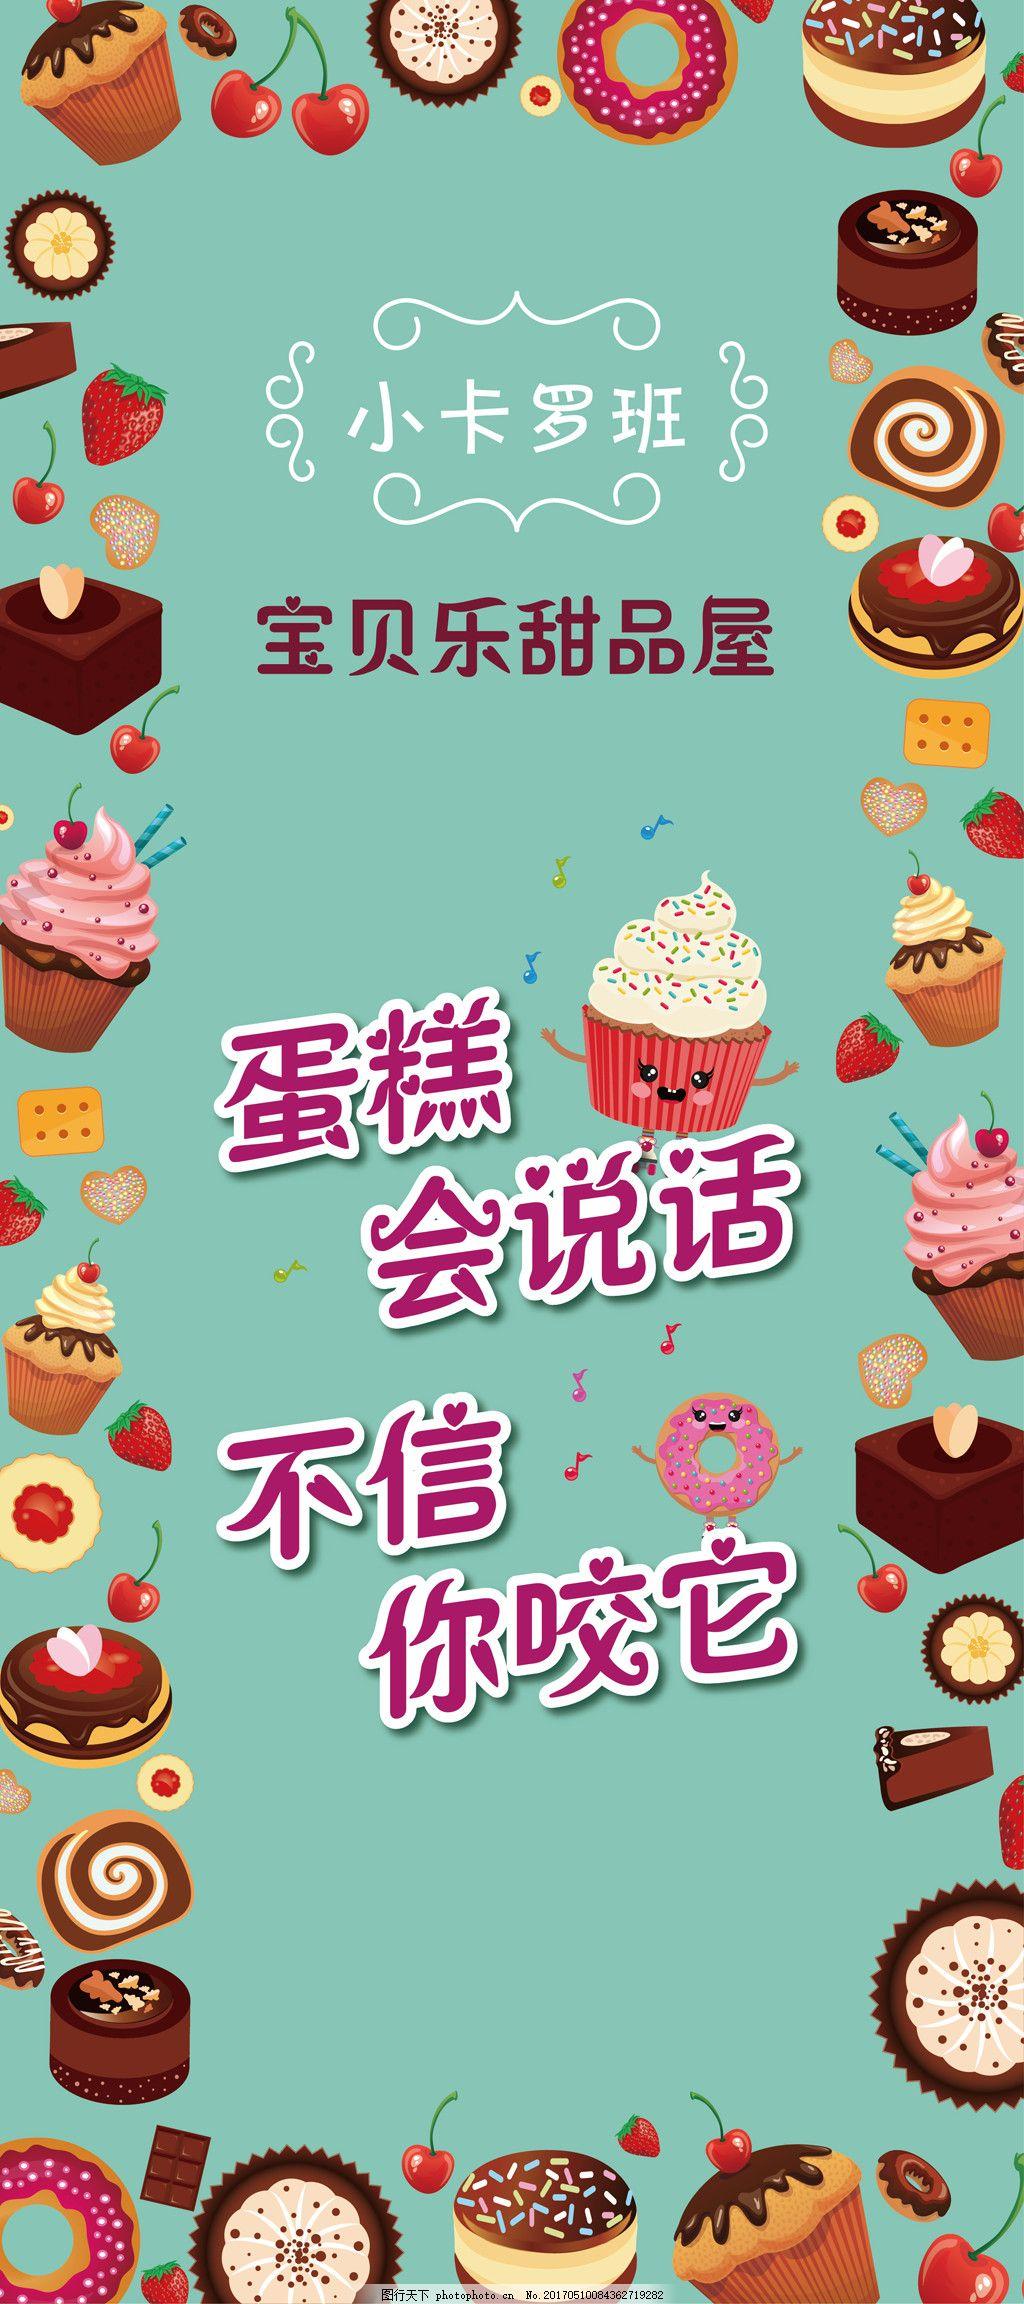 幼儿园甜品活动展板 甜品矢量图 蛋糕巧克力 幼儿园活动 幼儿园主题